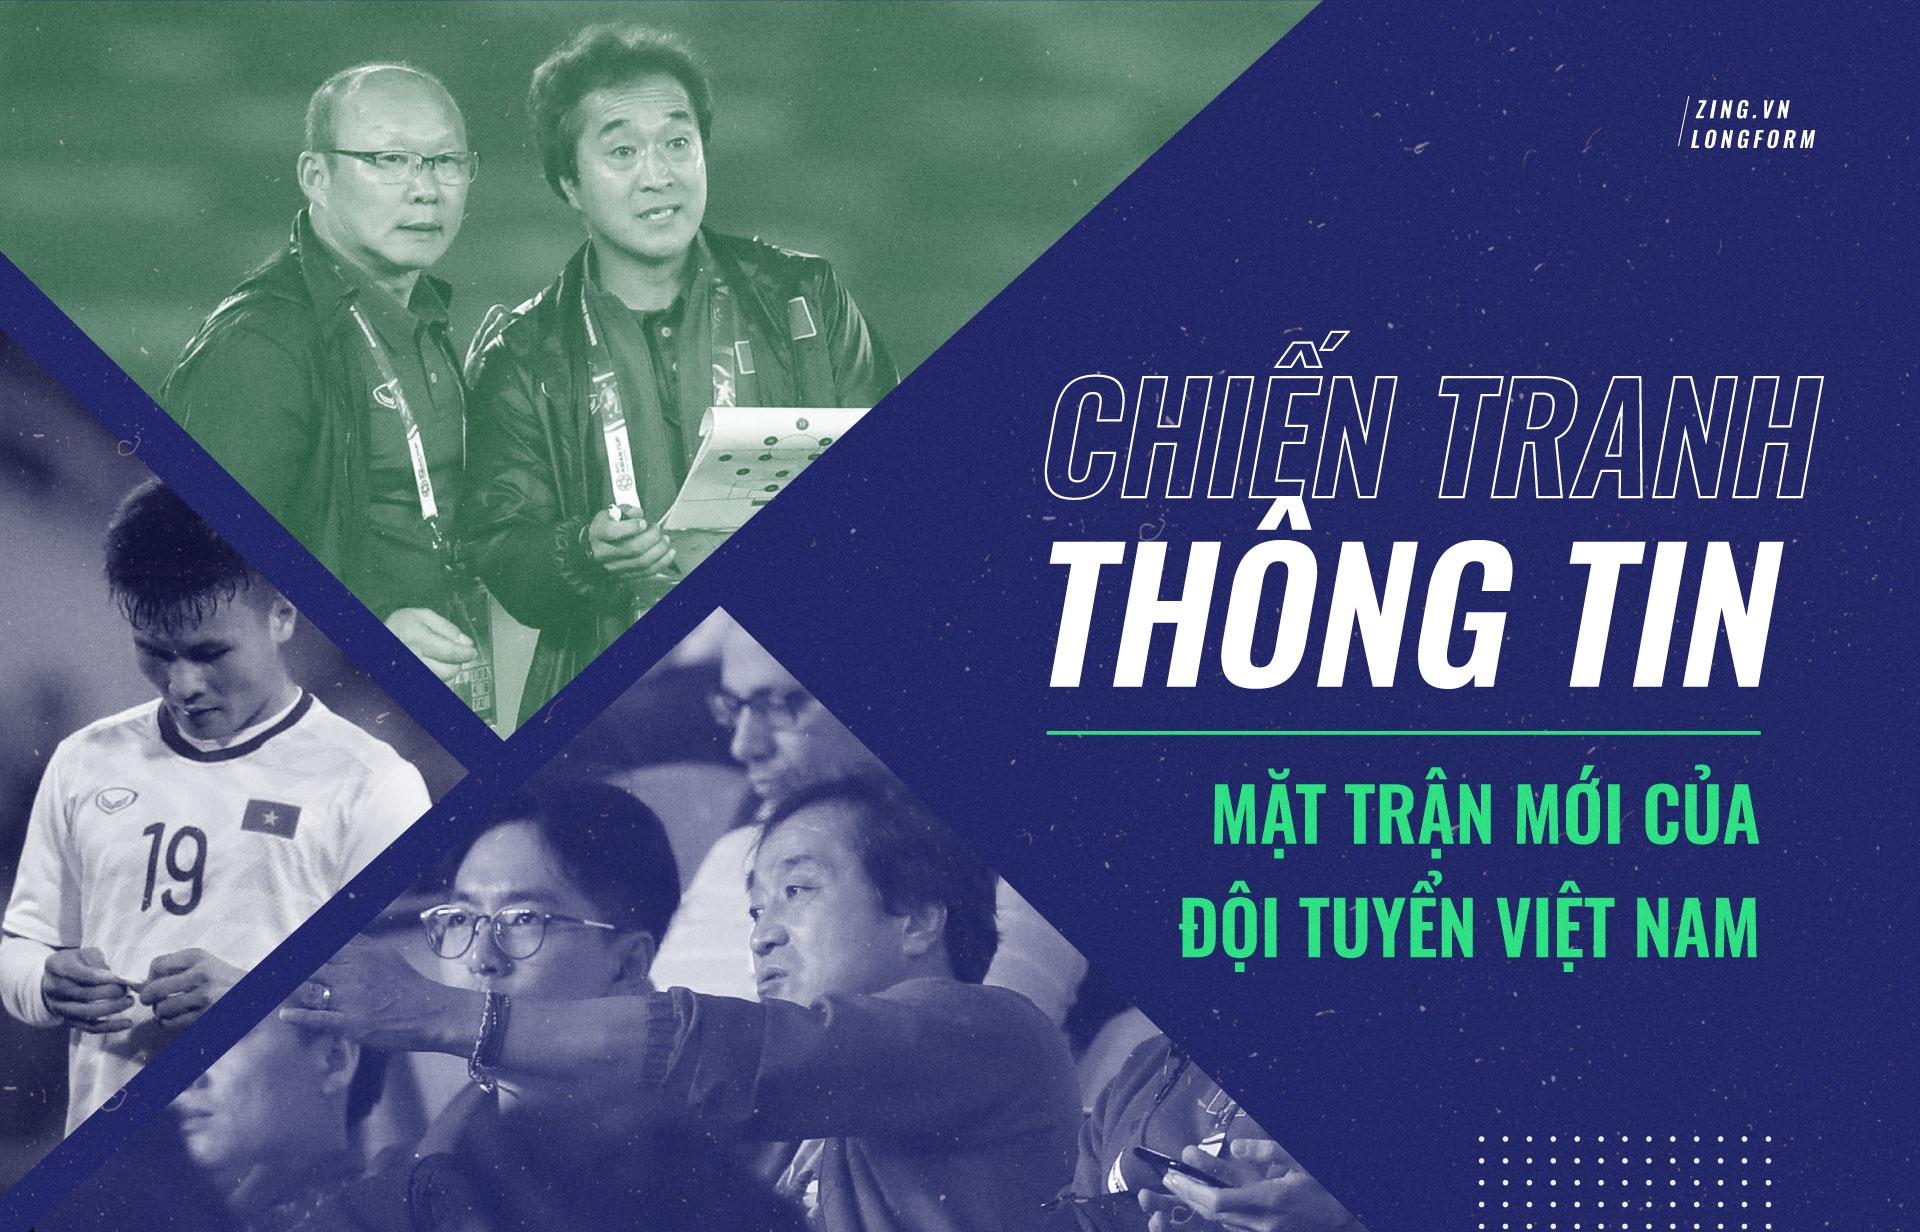 Do tham, trao so ao va cuoc chien thong tin cua tuyen Viet Nam hinh anh 2